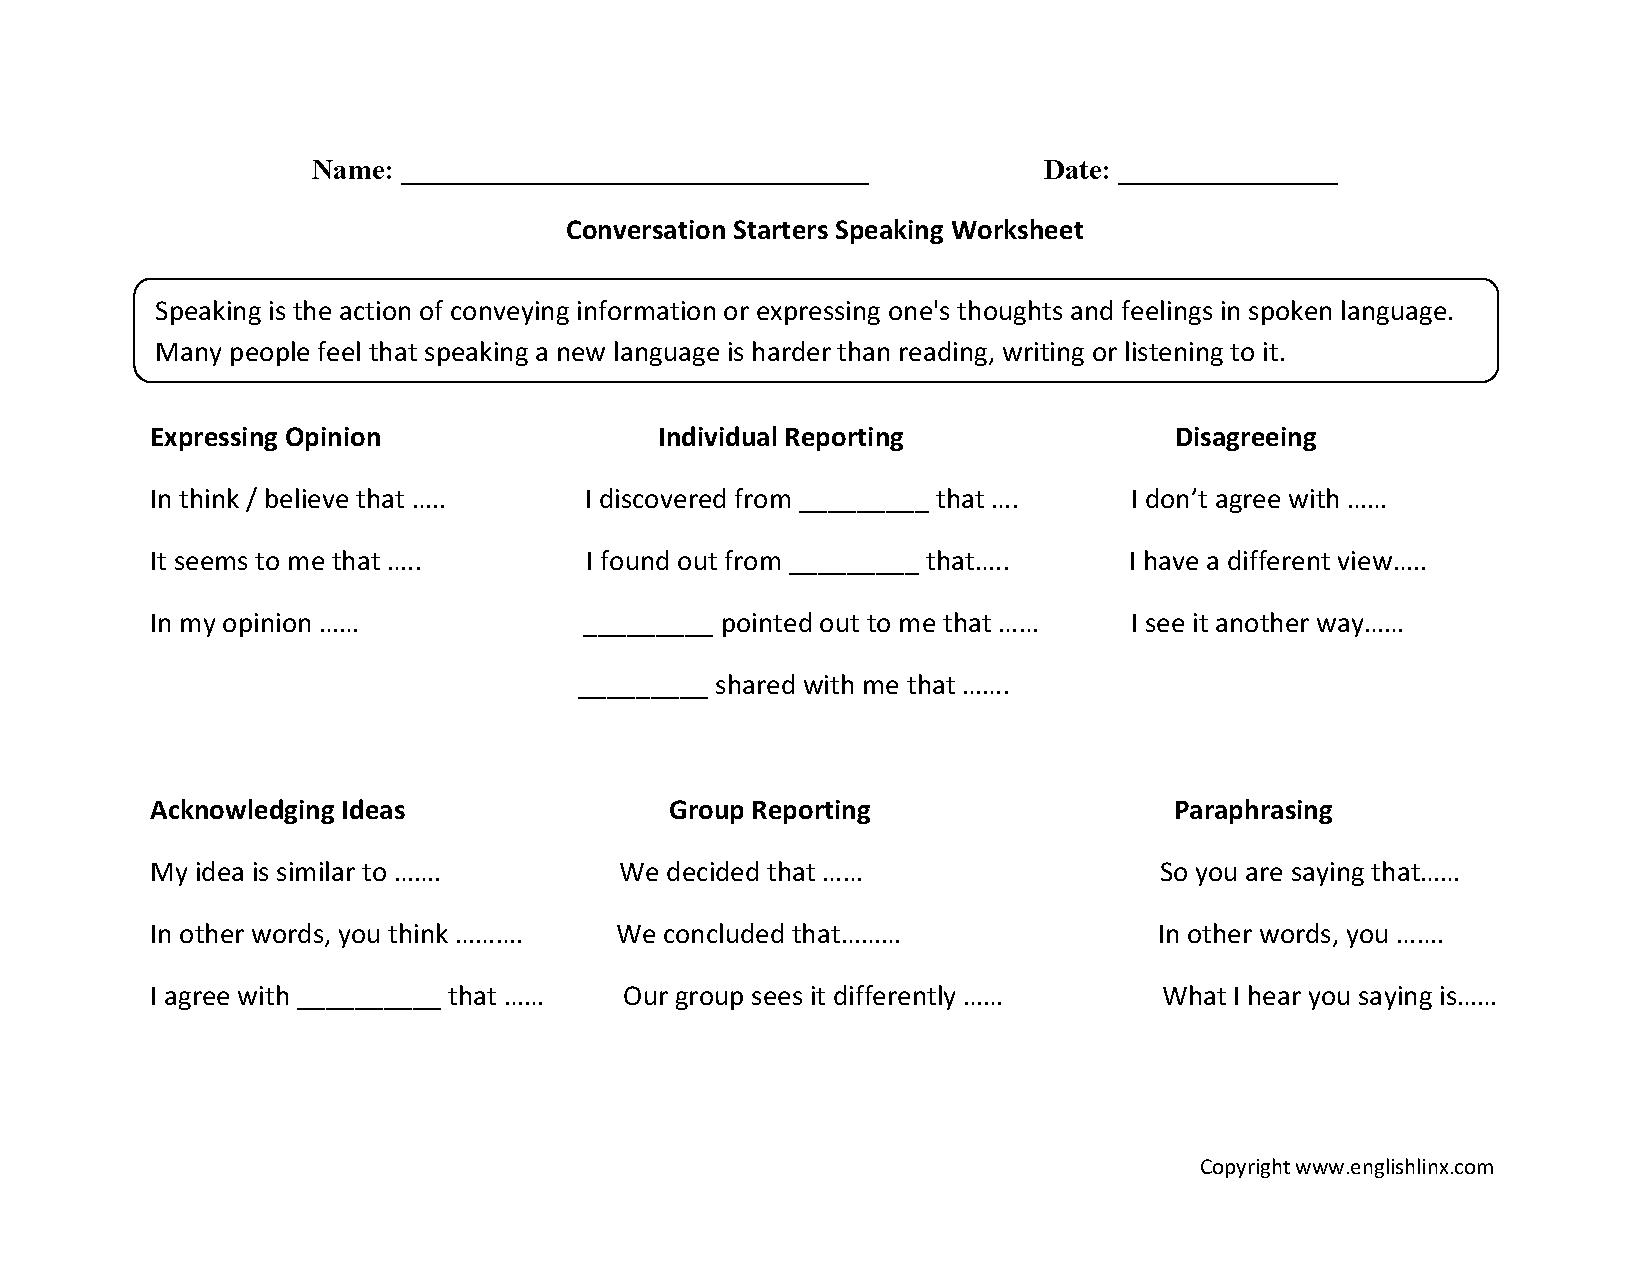 Englishlinx | Speaking Worksheets - Free Printable English Conversation Worksheets